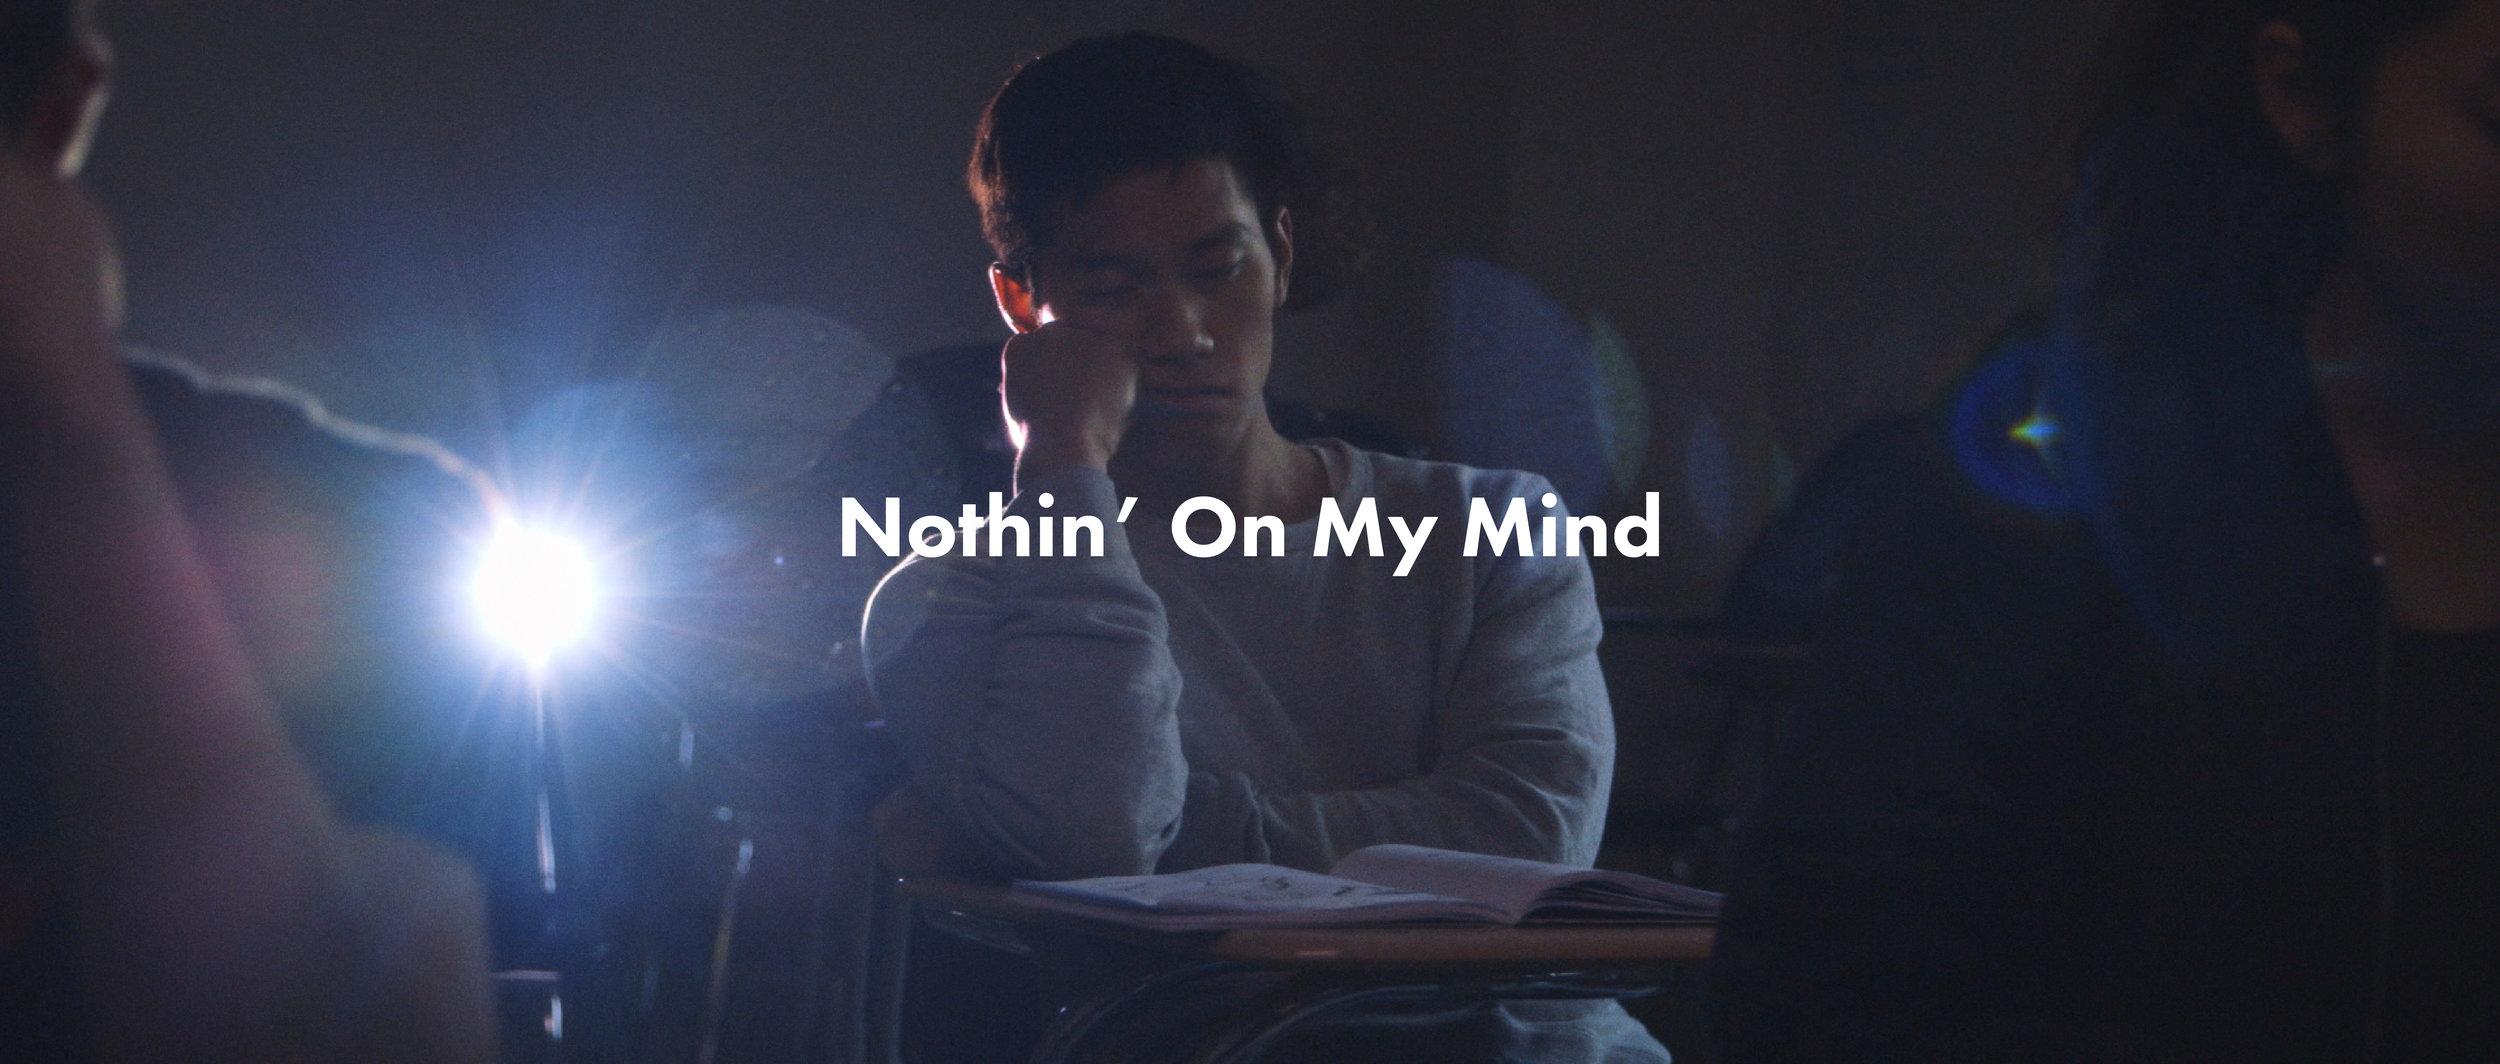 Nothin On My Mind.jpg